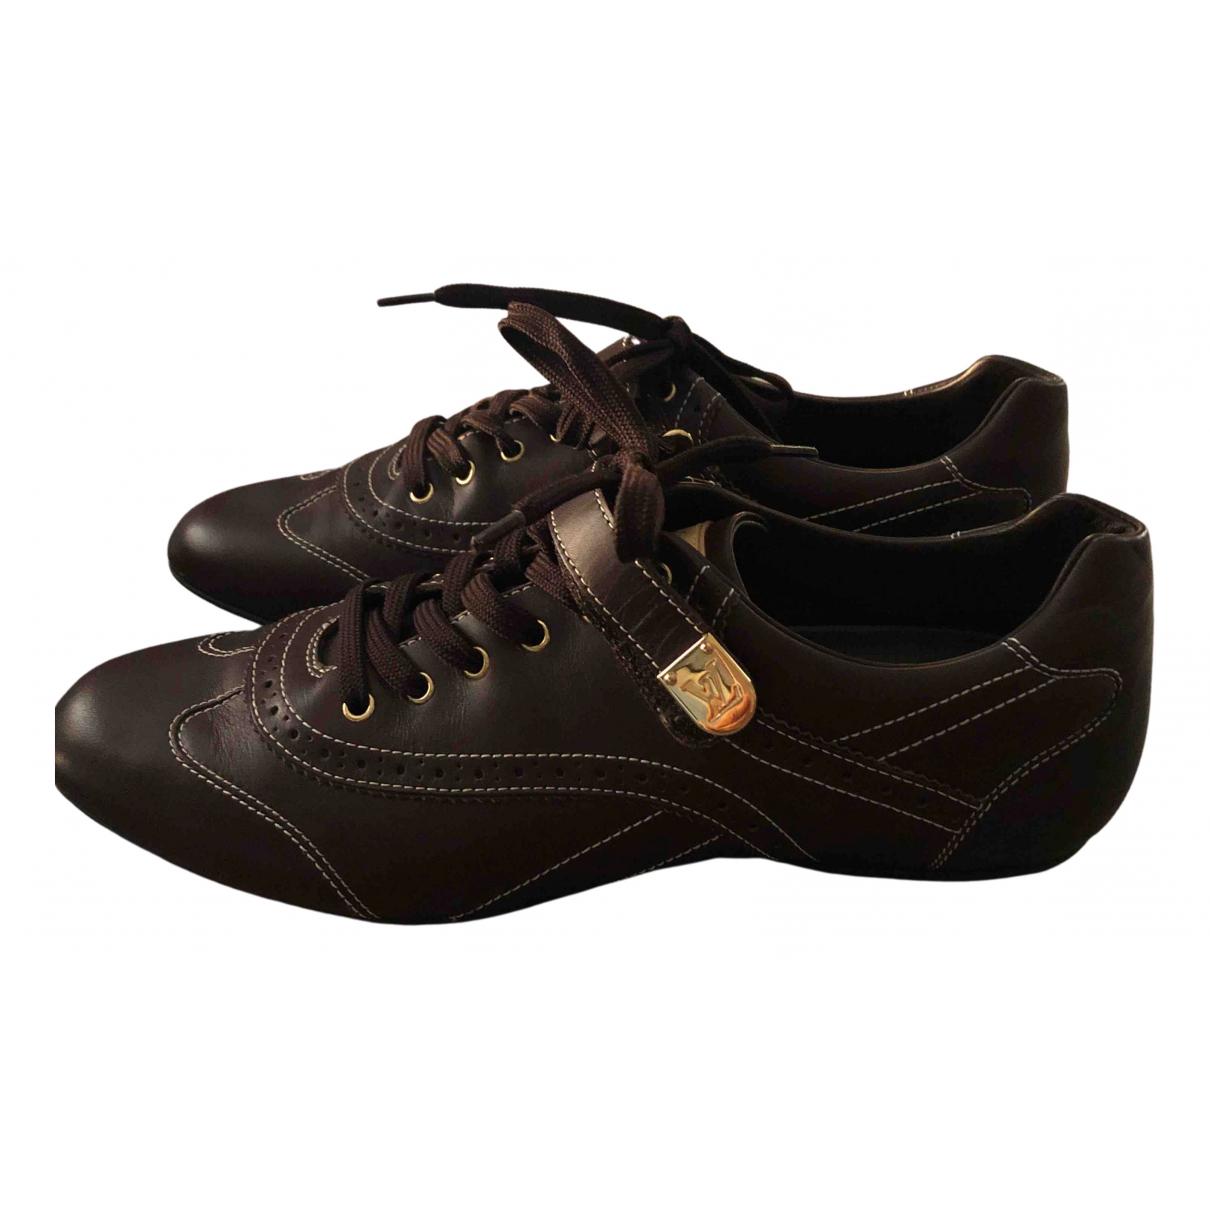 Louis Vuitton - Baskets   pour femme en cuir - marron